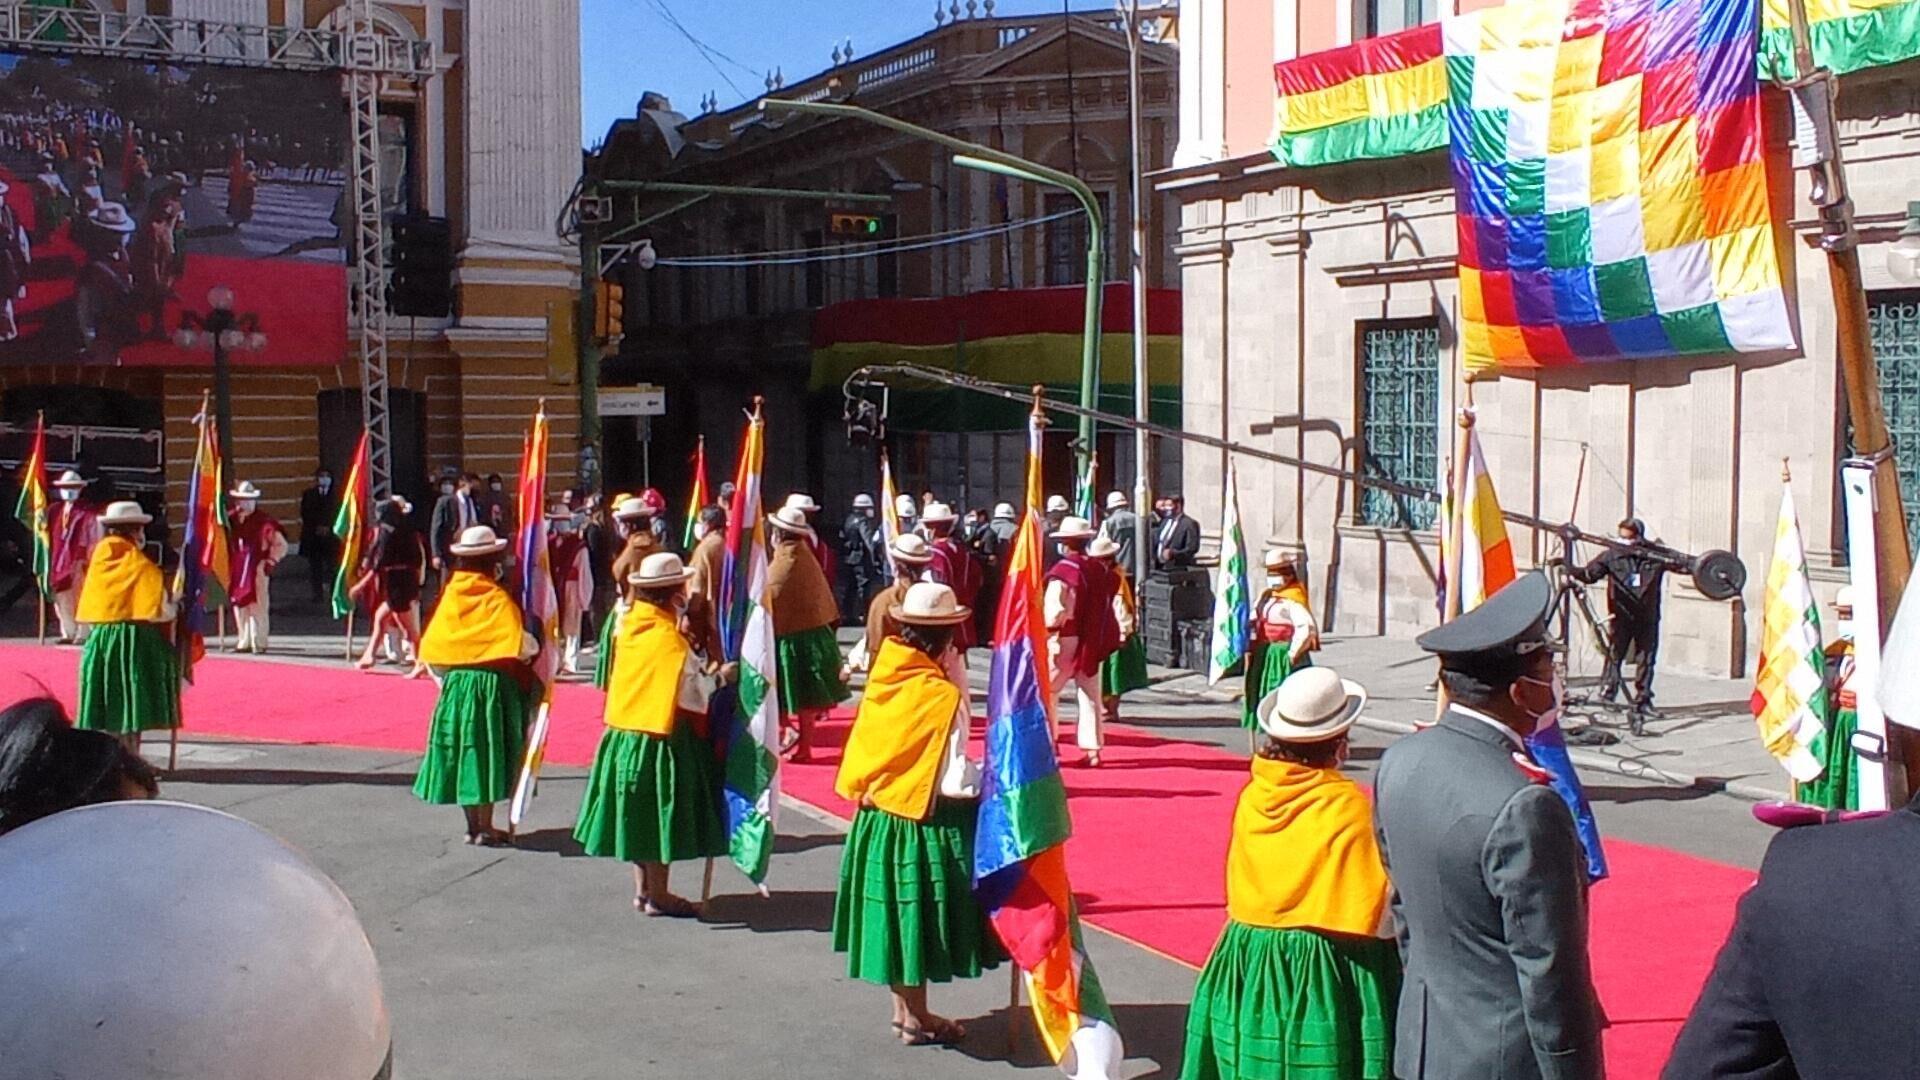 Celebraciones por los 196 años de la independencia de Bolivia en la Plaza Murillo, en La Paz - Sputnik Mundo, 1920, 06.08.2021